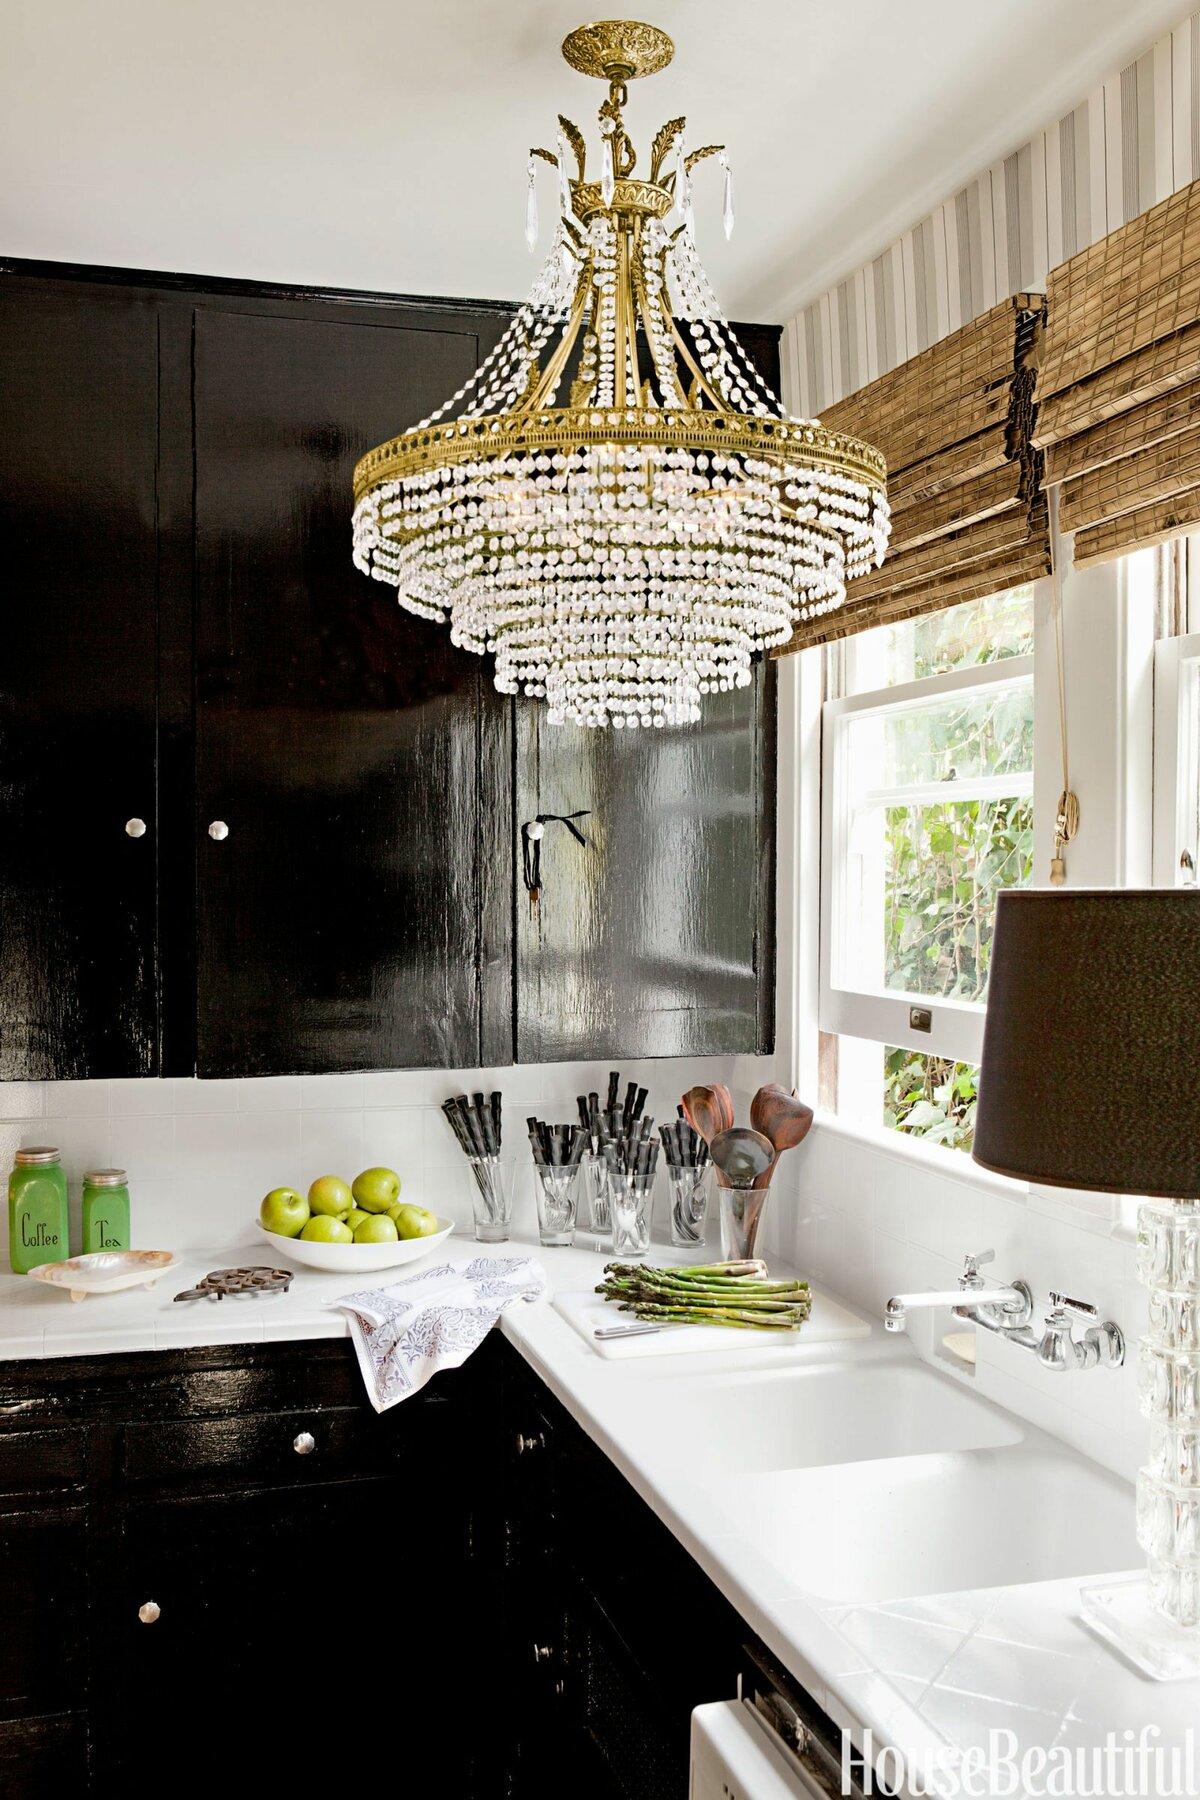 незамедлительно люстры в картинках для кухни в картинках это, вкус него